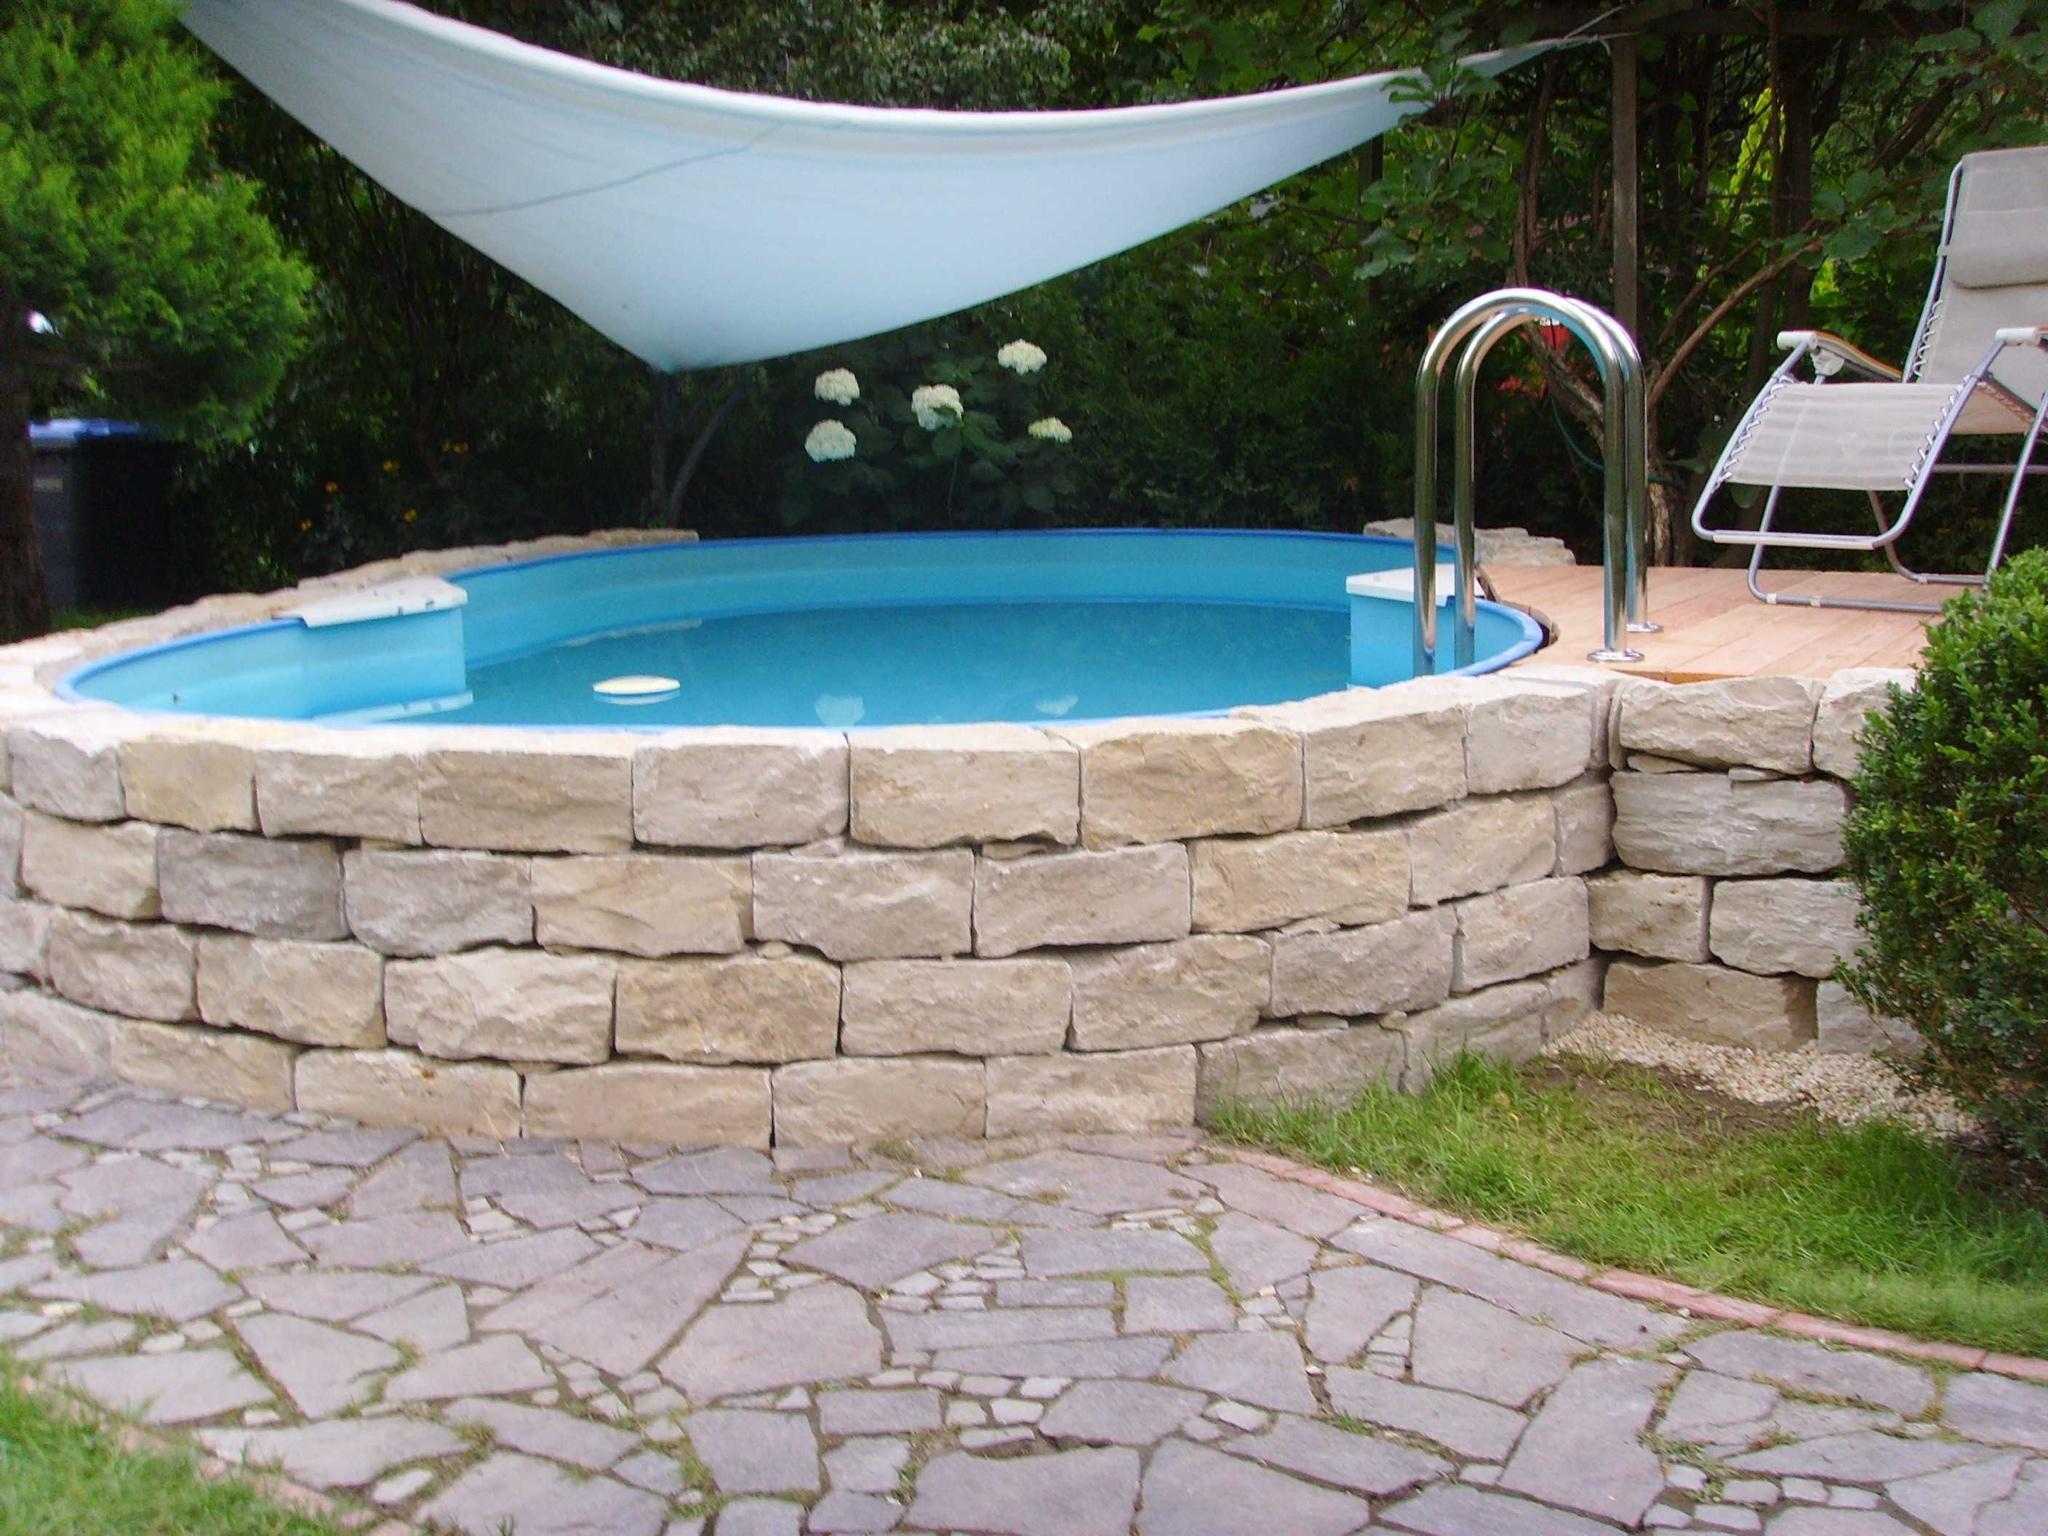 reihenhausgarten pool – flipnation, Garten ideen gestaltung